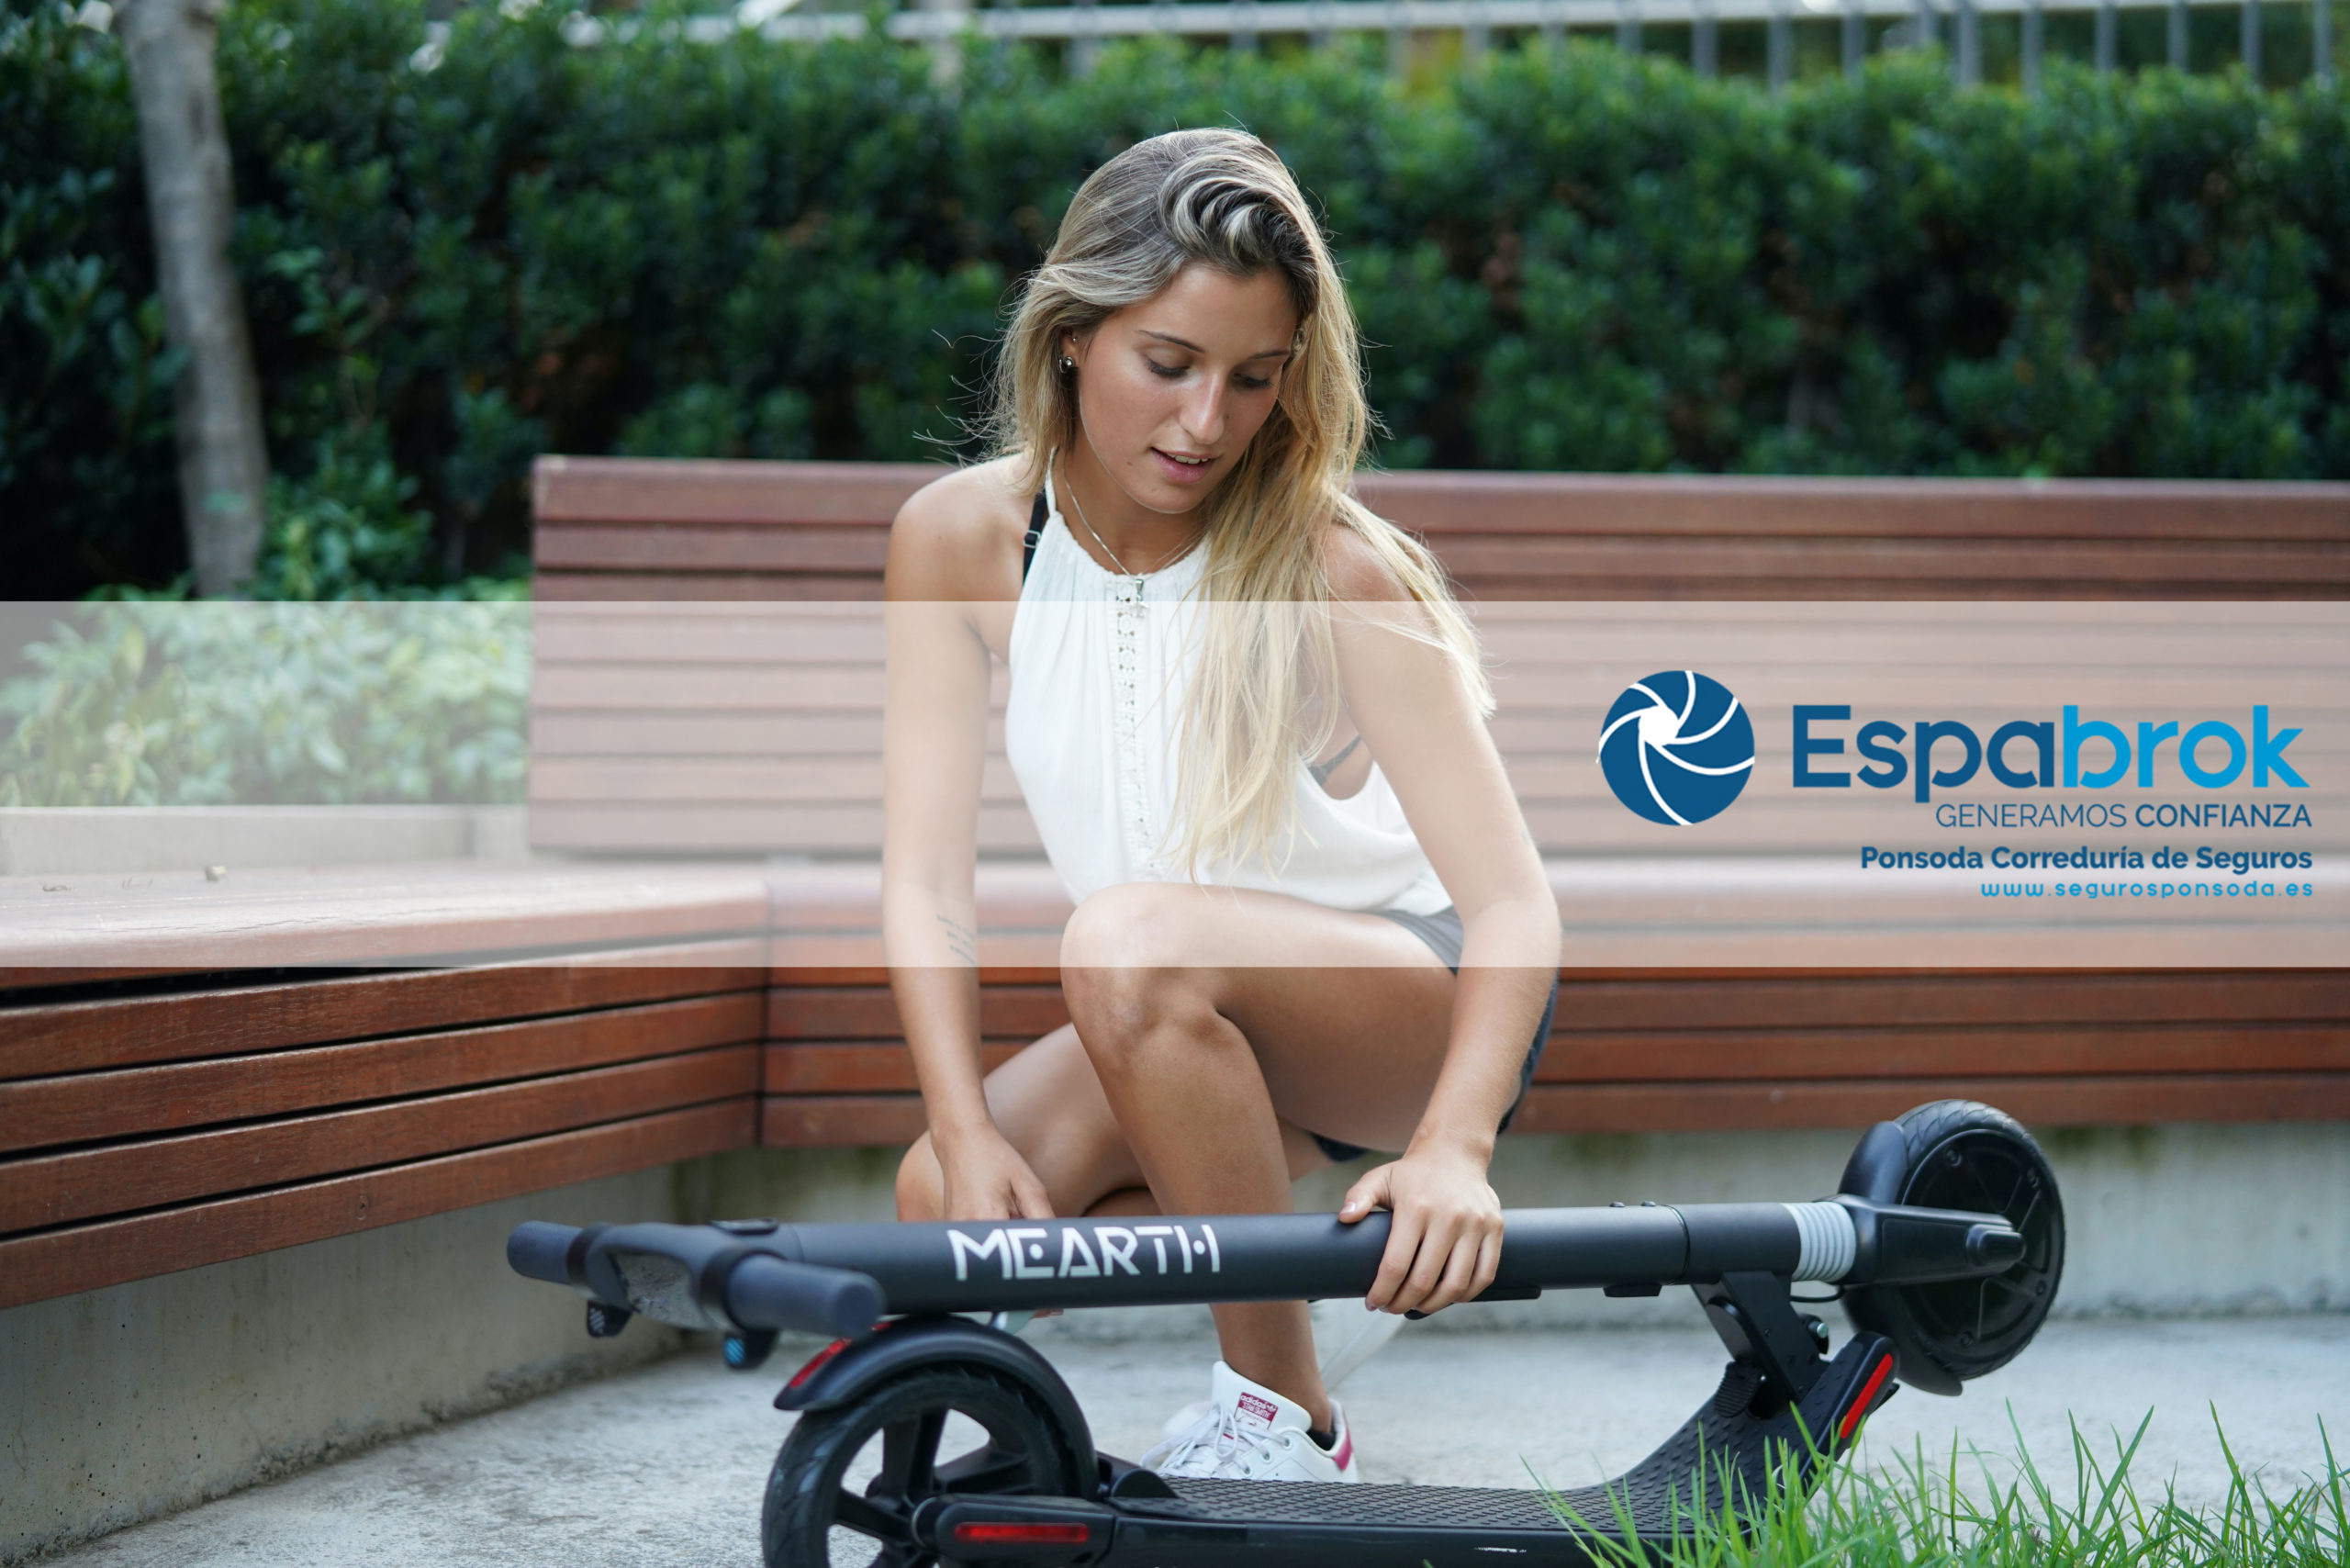 ¿Conoces la normativa para patinetes eléctricos?